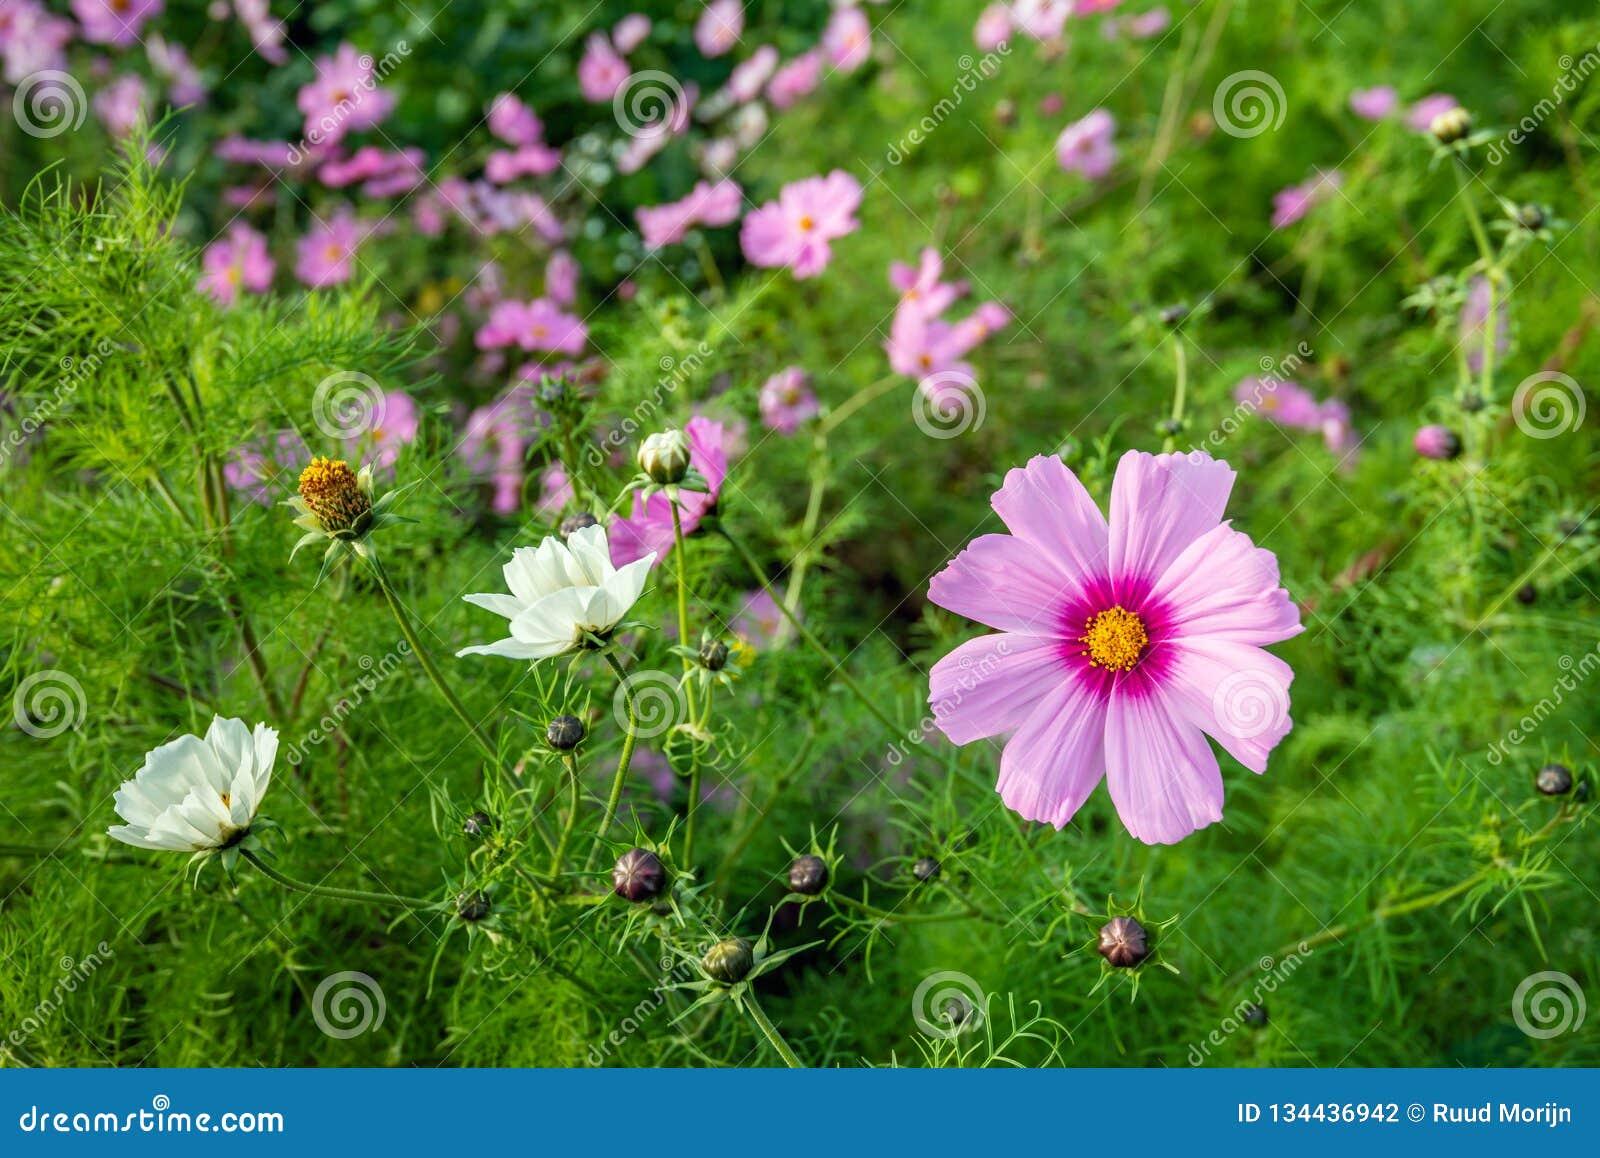 Planta rosada hearted amarilla de florecimiento del cosmos del jardín en el borde de un campo holandés al principio de la tempora